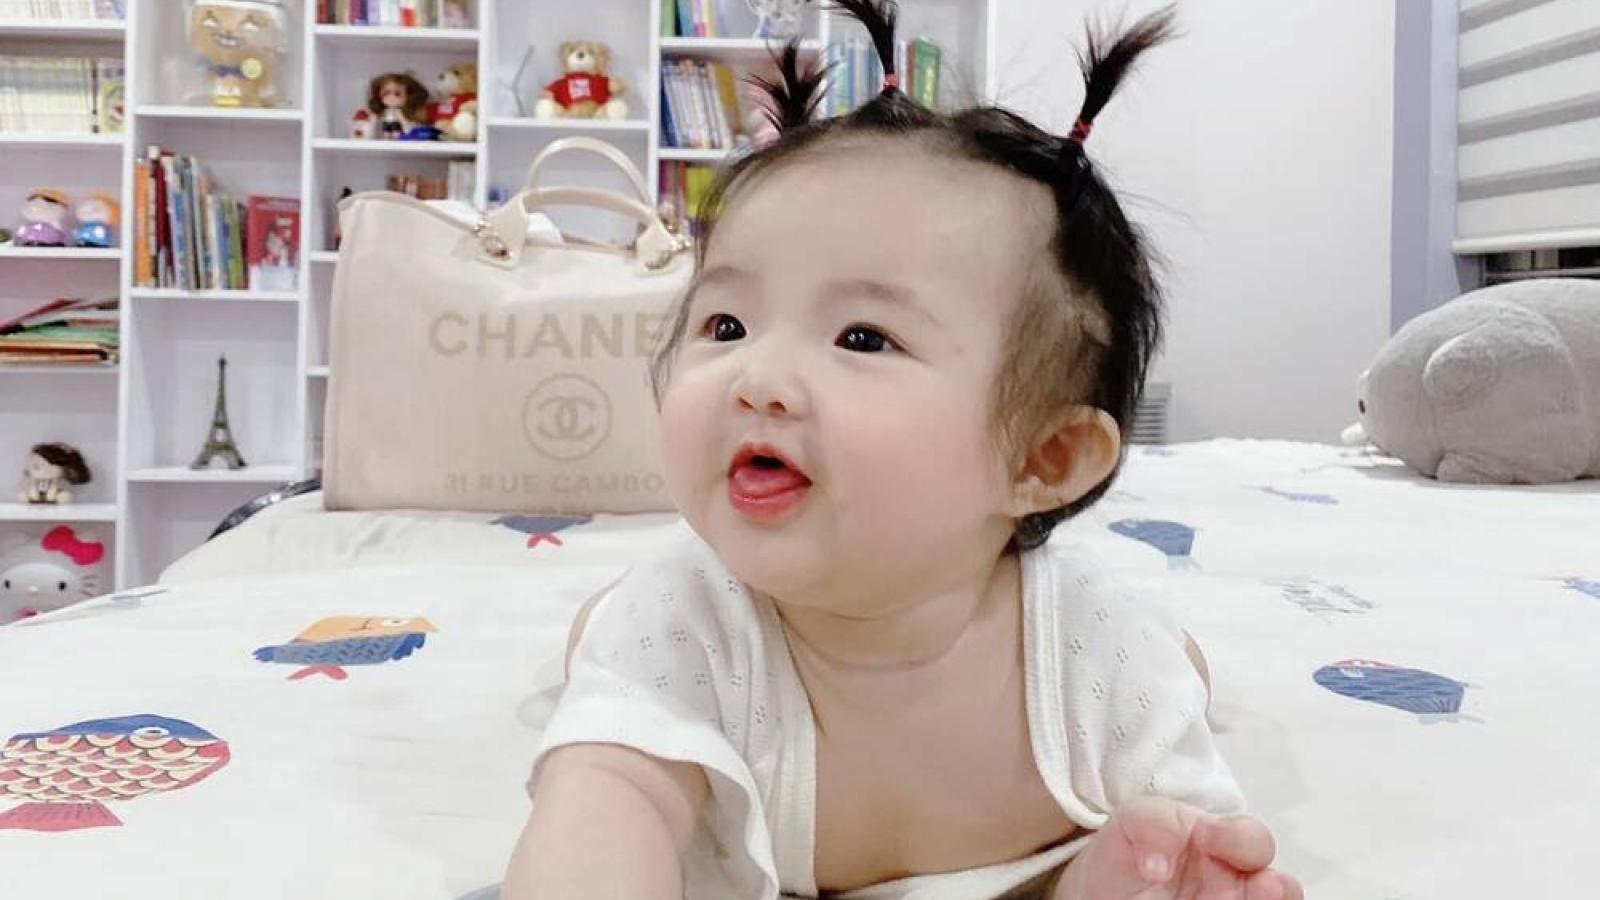 Chuyện showbiz: Á hậu Thúy Vân bất ngờ nhận con gái Đông Nhi - Ông Cao Thắng là con dâu